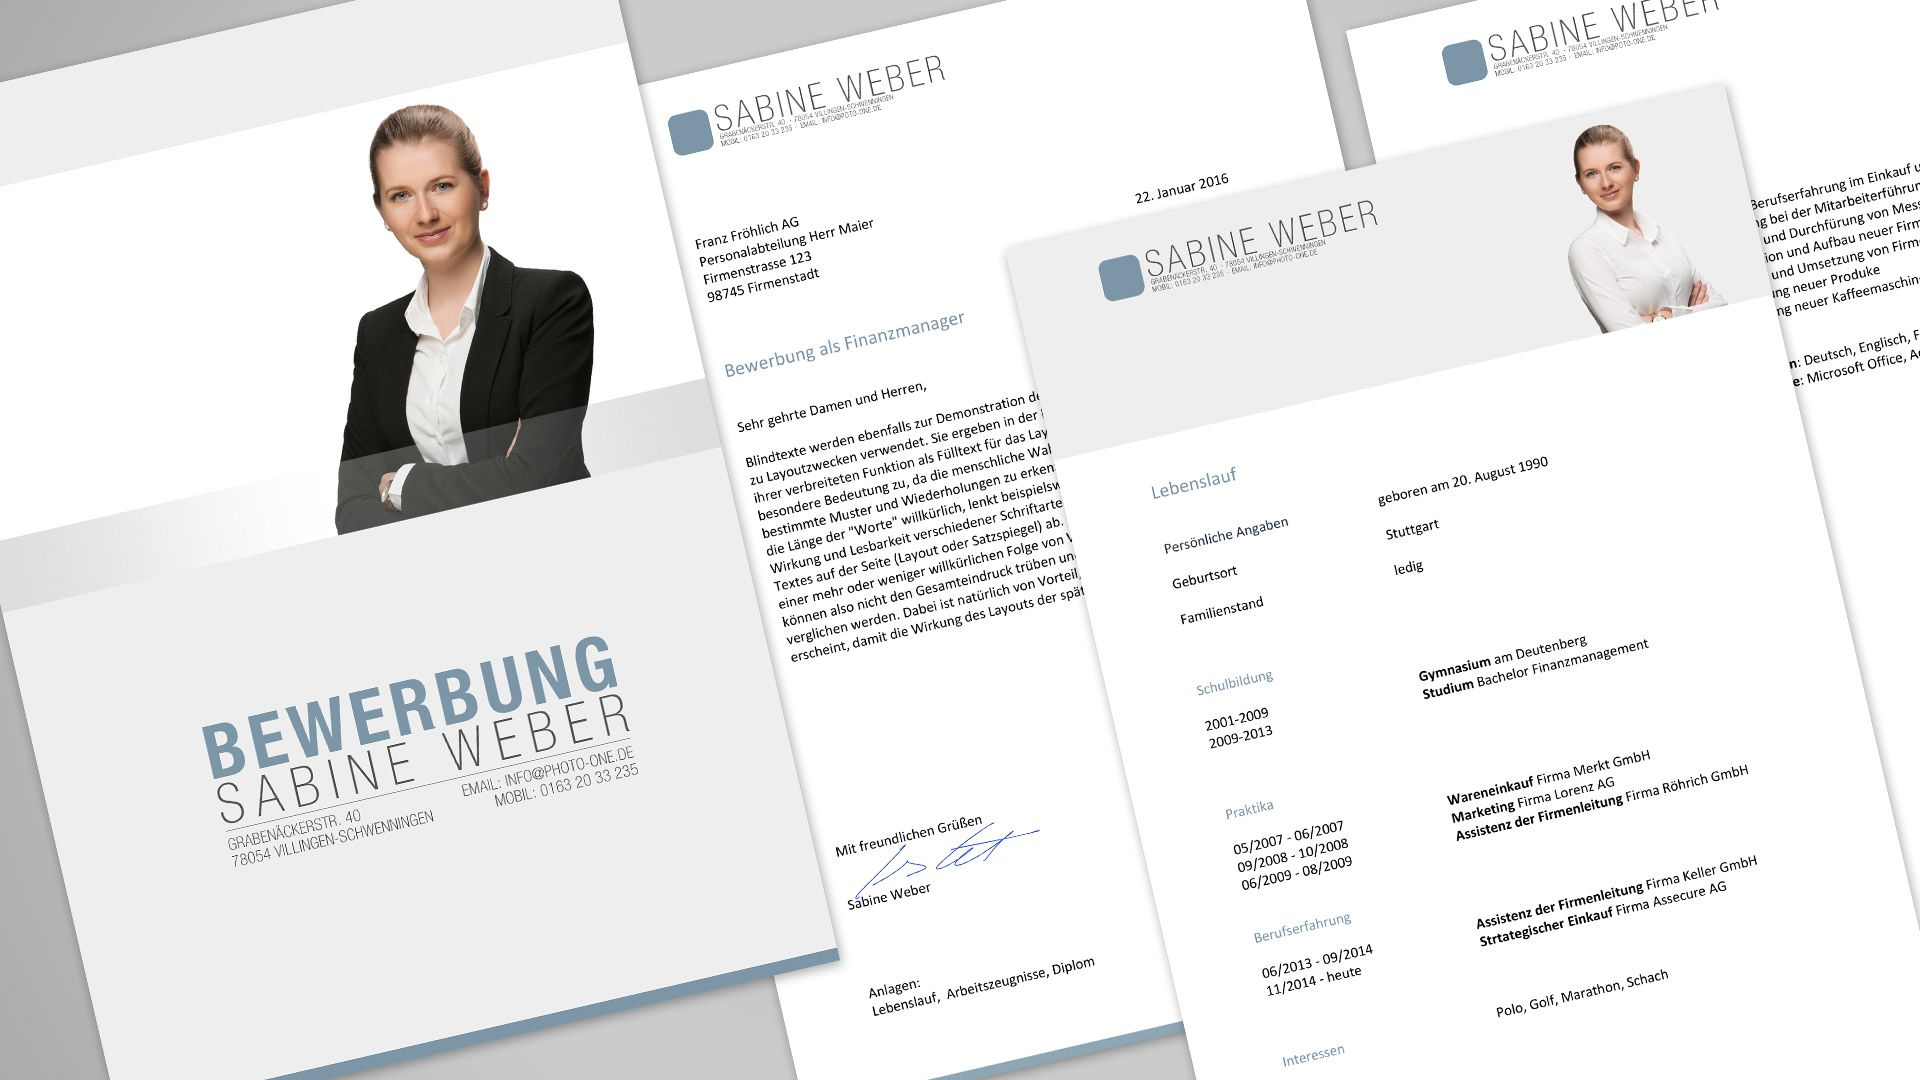 Bewerbungsfoto Deckblatt Und Die Ganze Microsoft Word